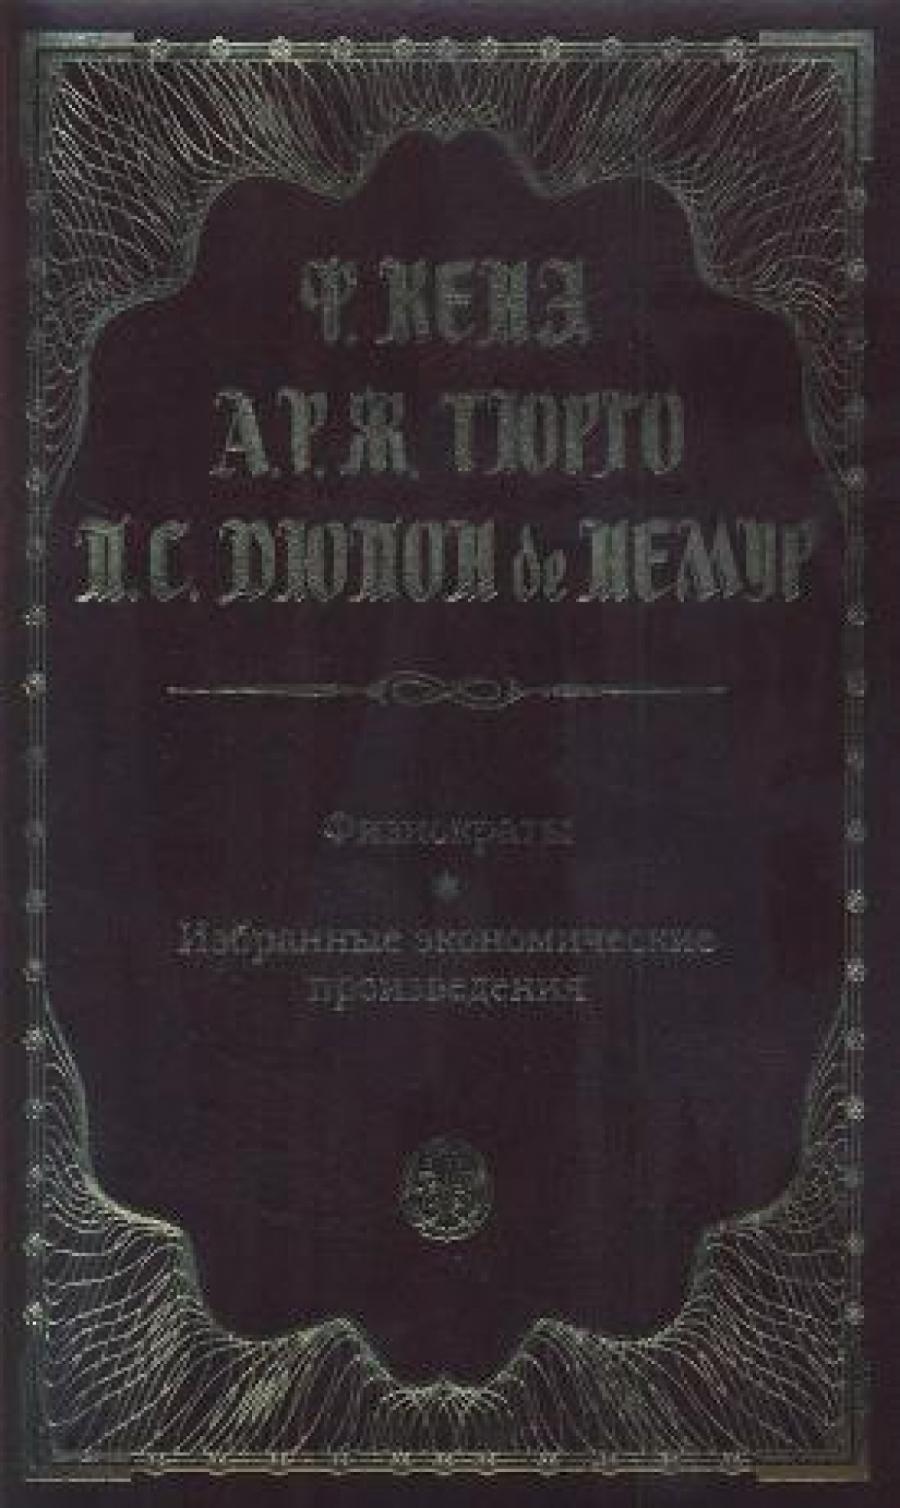 Обложка книги:  ф. кенэ, а. р. ж. тюрго, п. с. дюпон де немур - физиократы. избранные экономические произведения